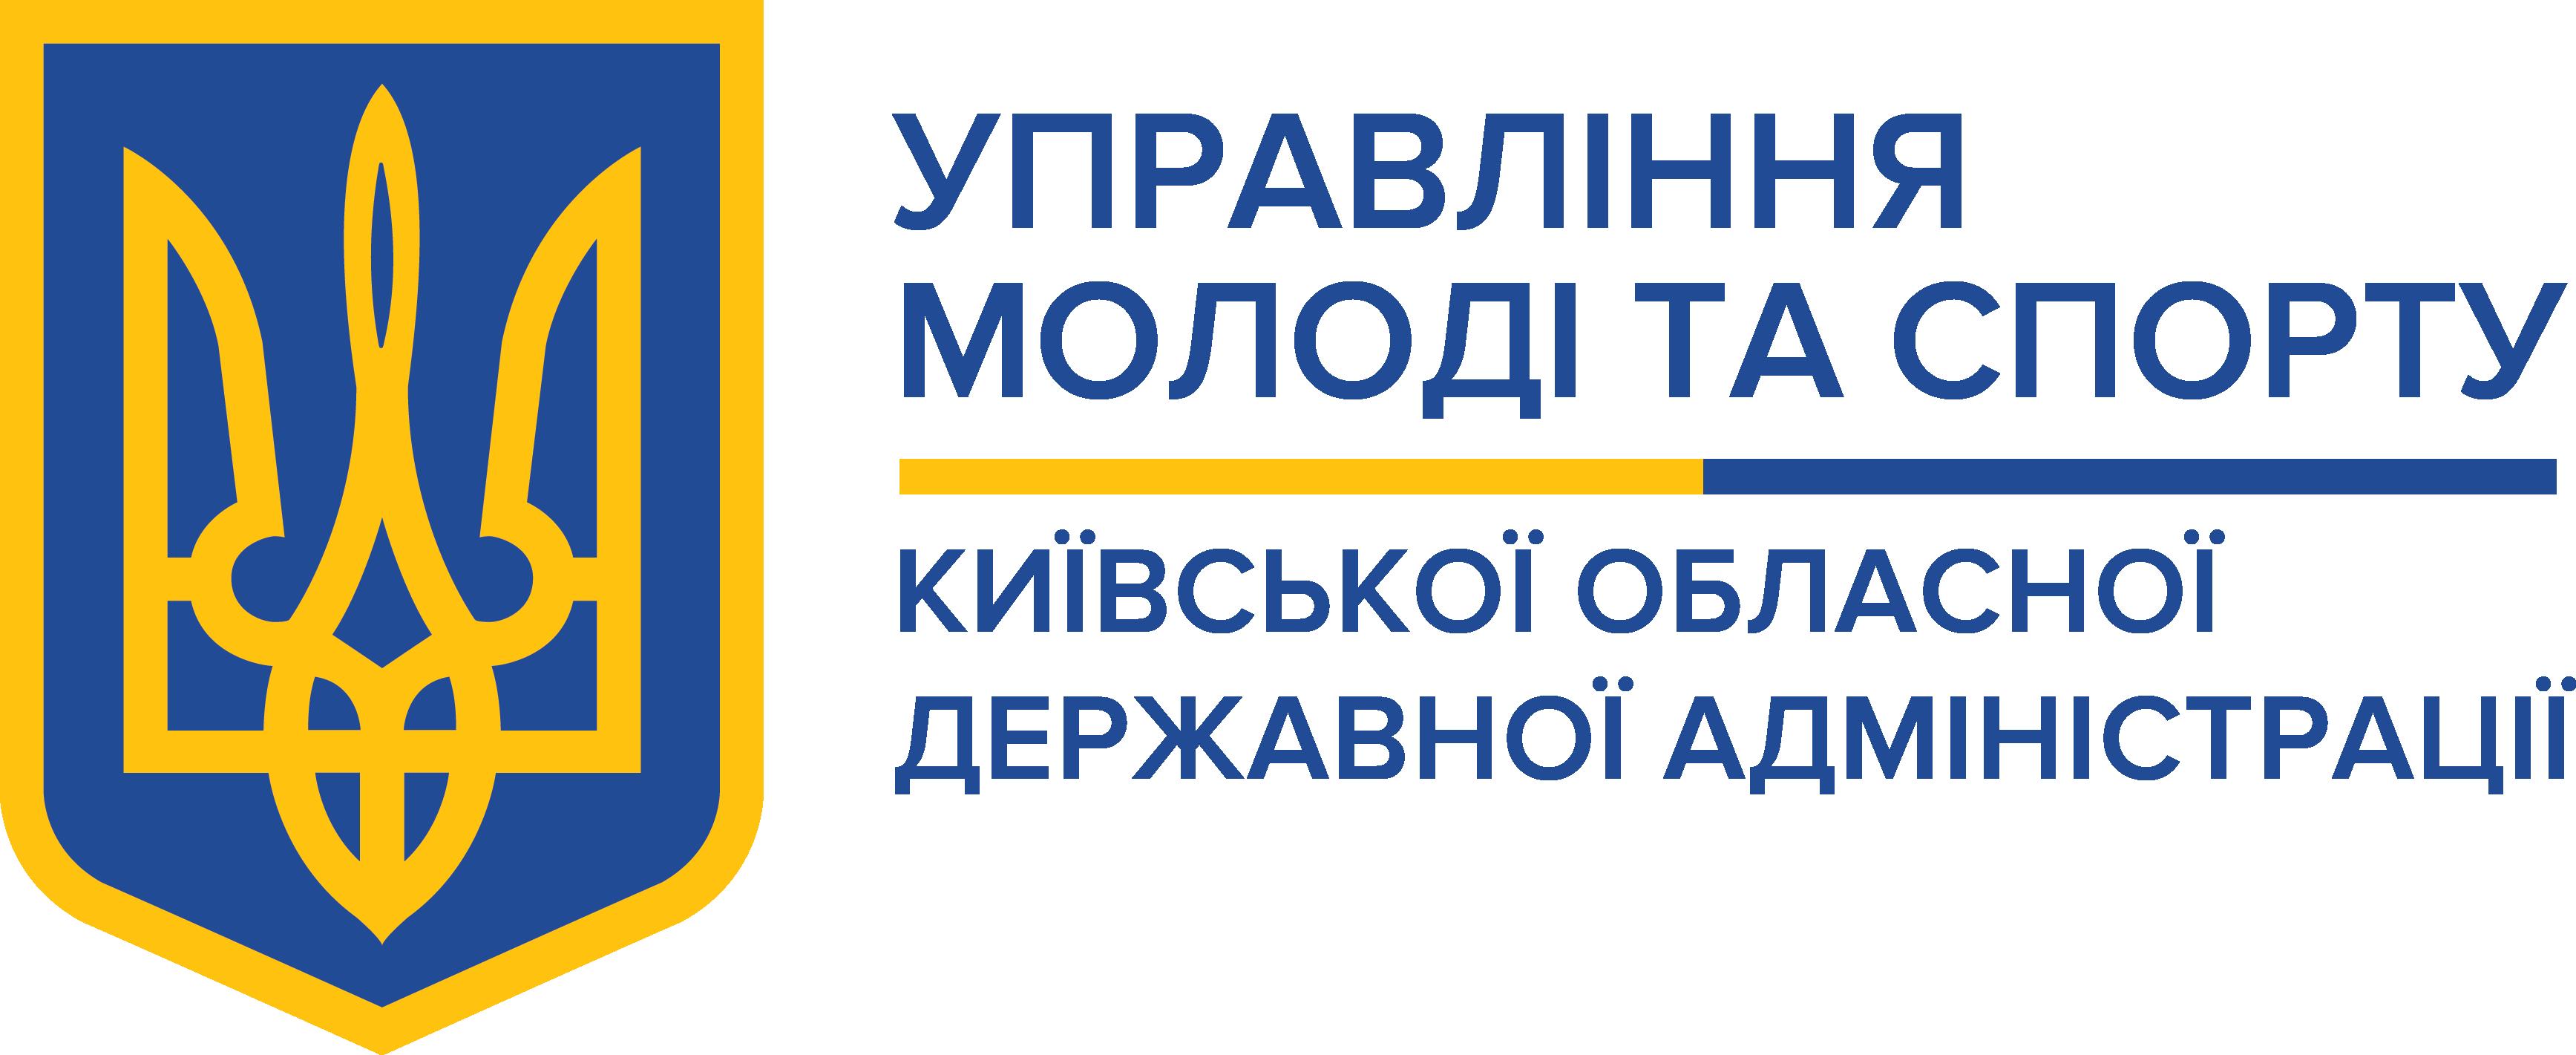 Управління молоді та спорту. Лого